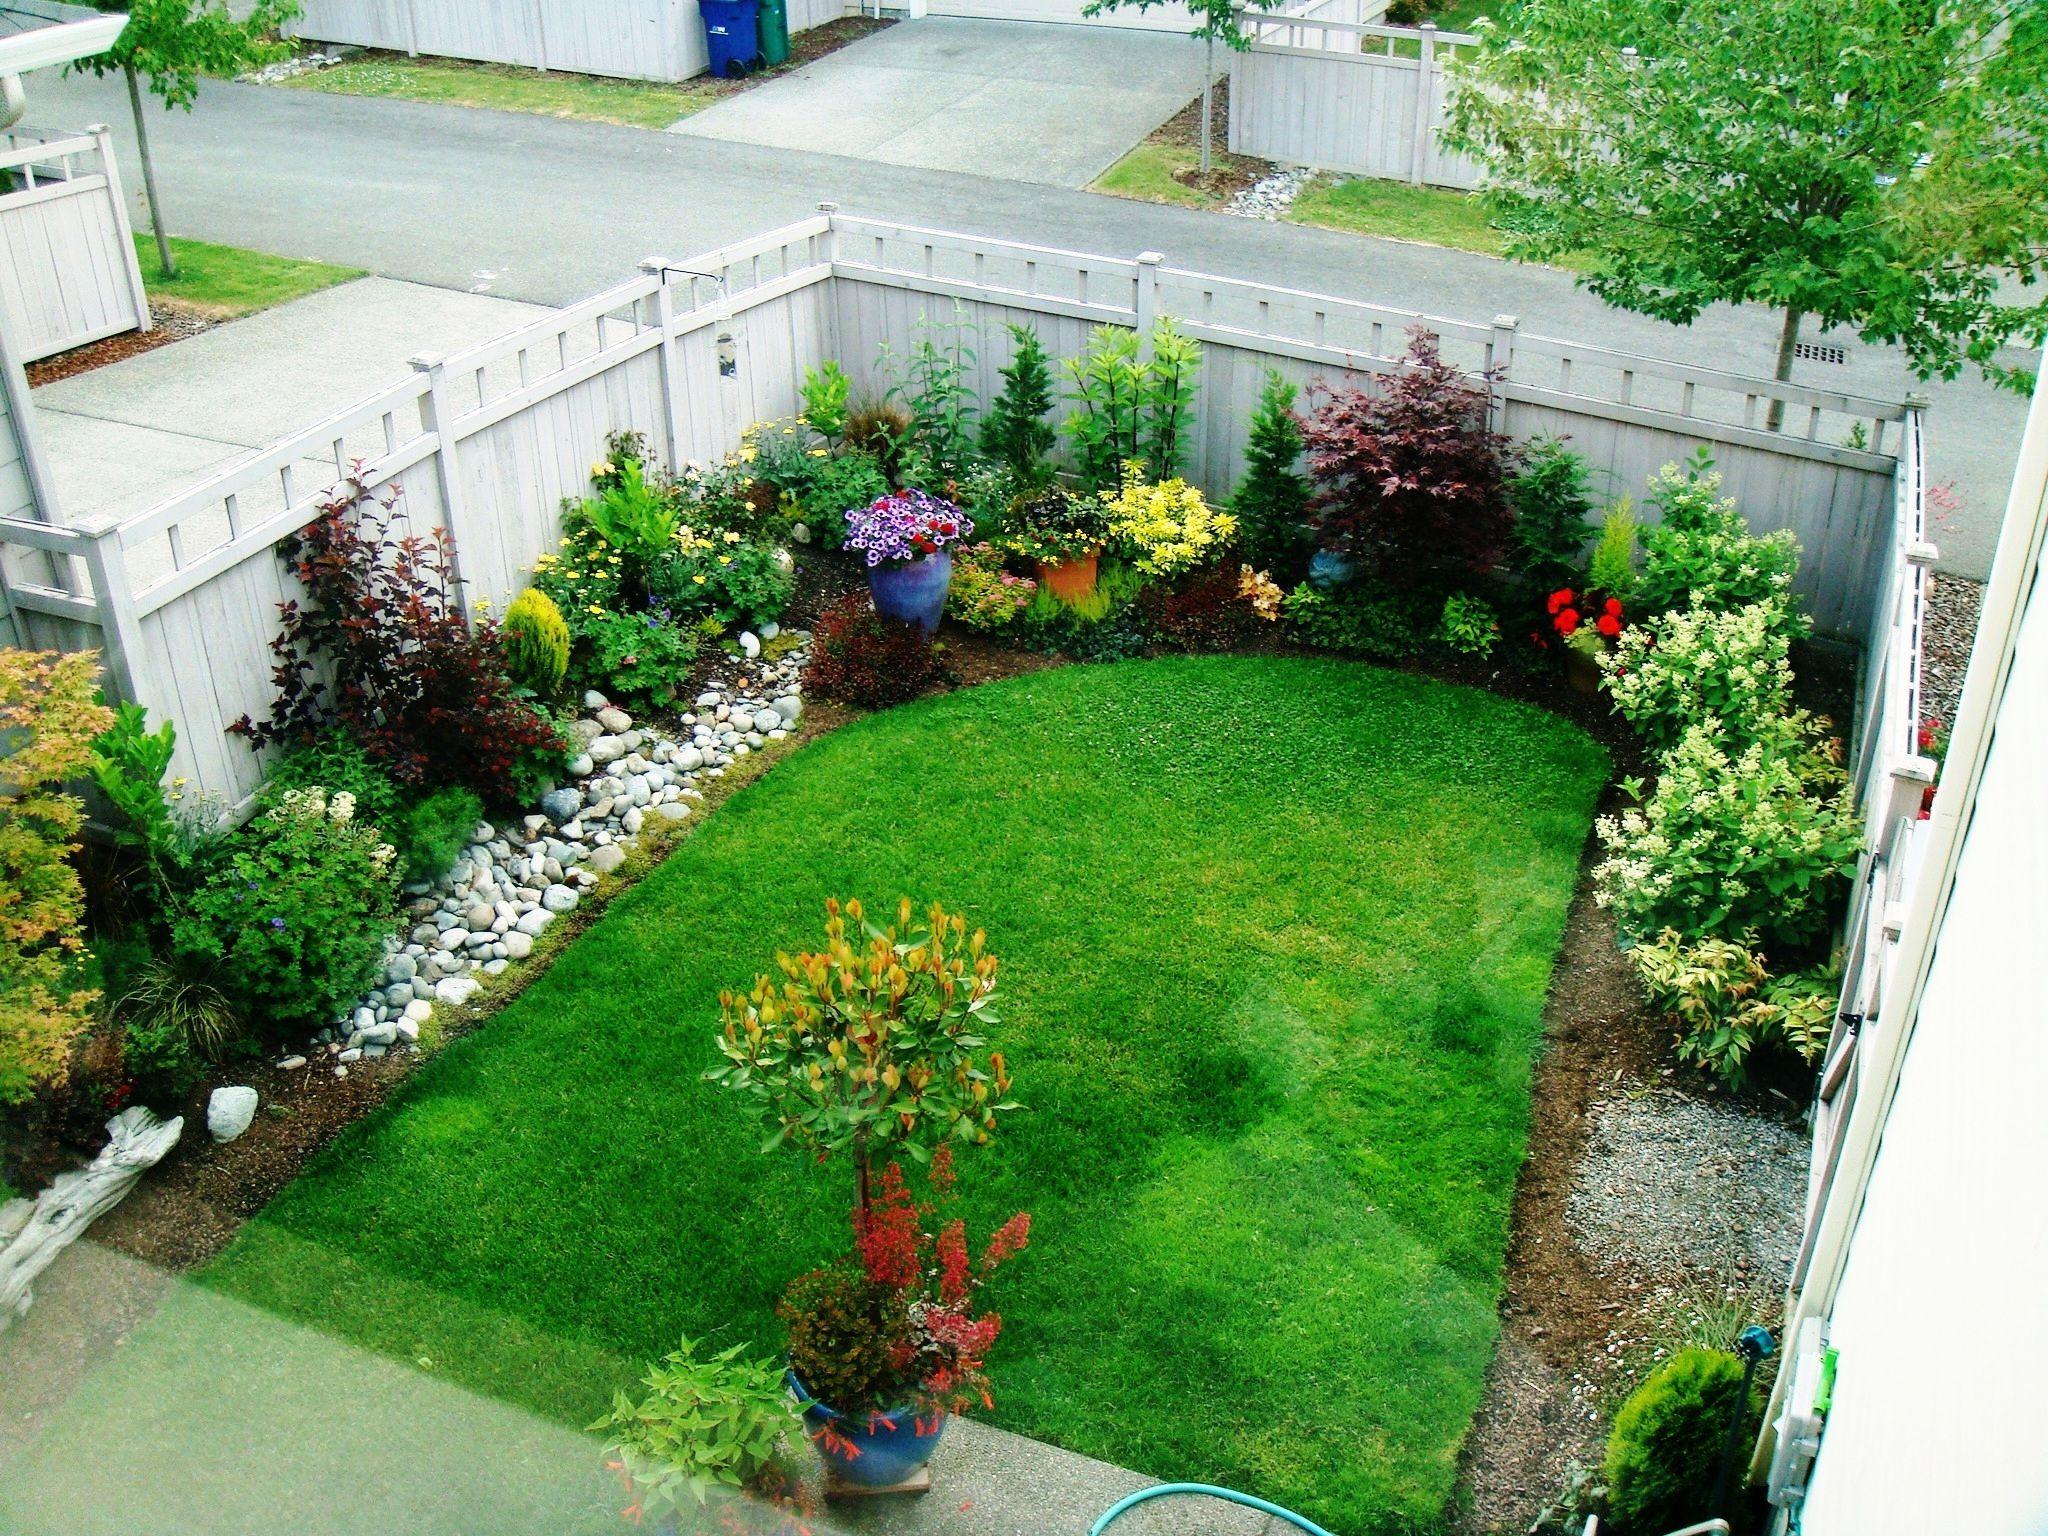 Plush Small Backyard Page Small Backyard Garden Design Landscape Backyard Garden Designs Backyard Landscape Plans Landscape Design